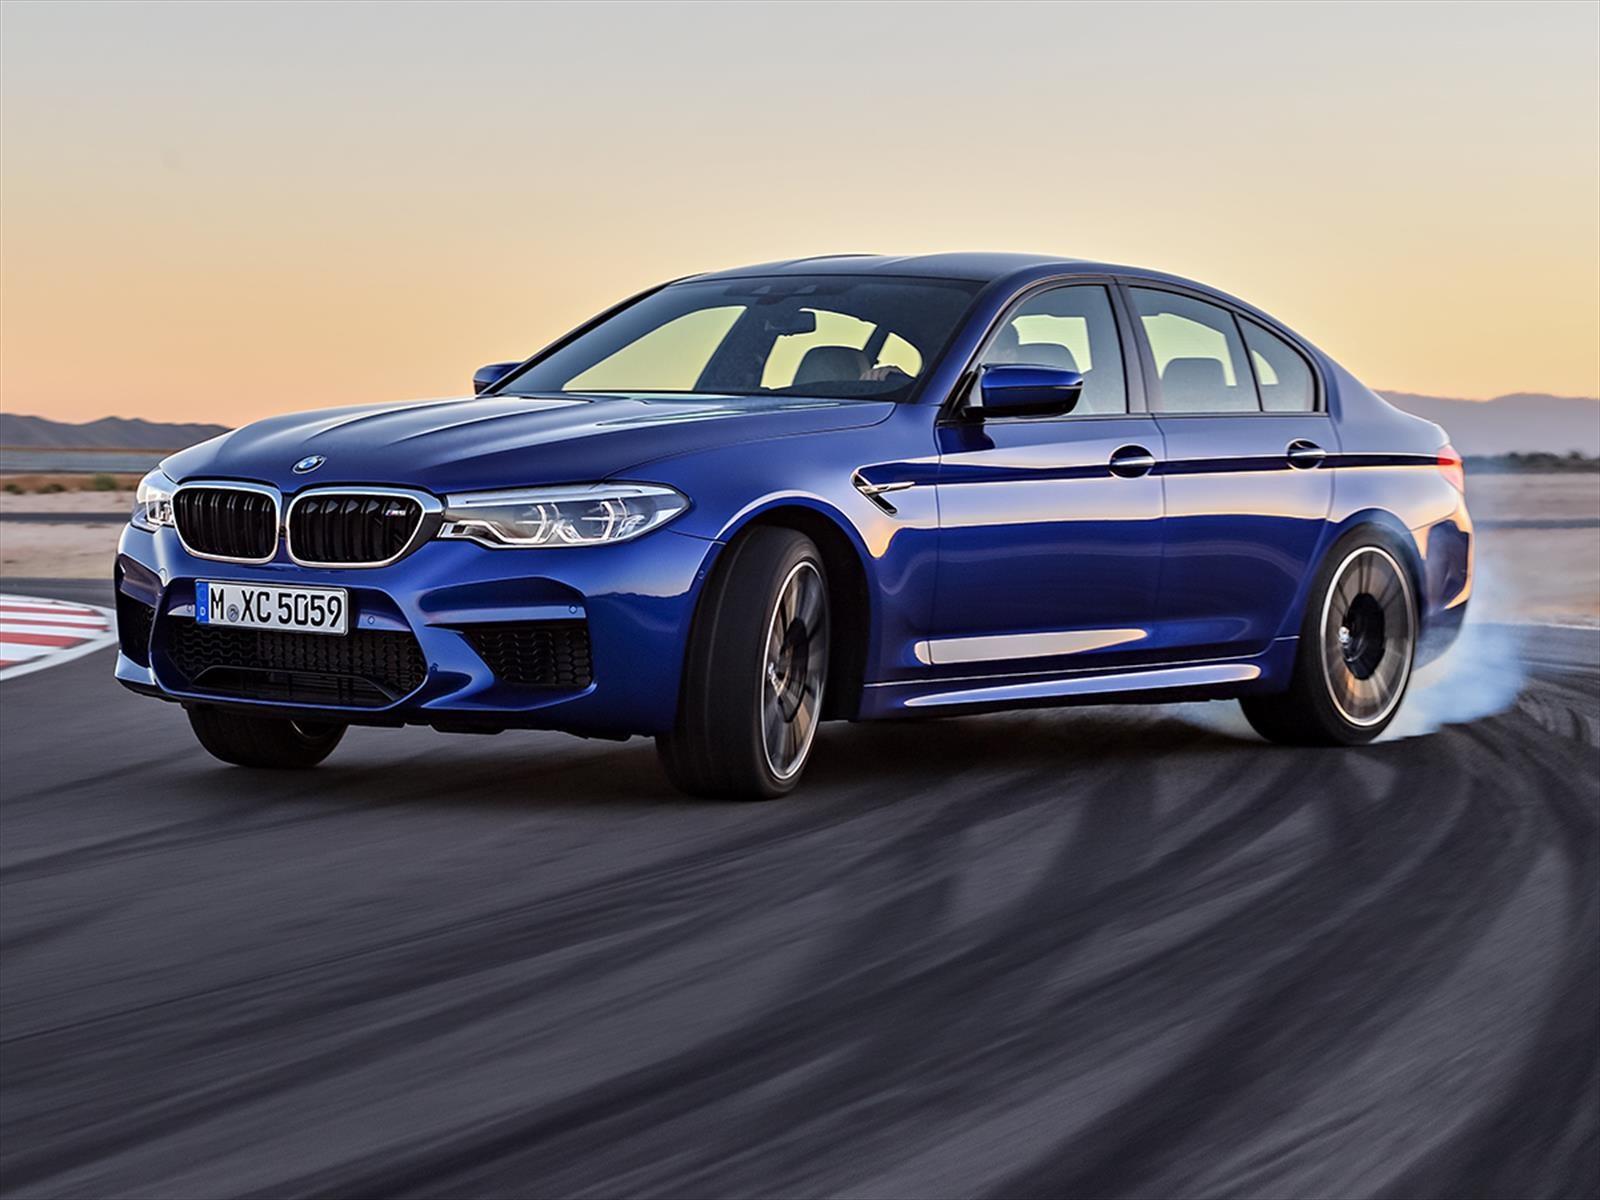 El nuevo BMW M5 tiene casi 600 CV en las cuatro ruedas